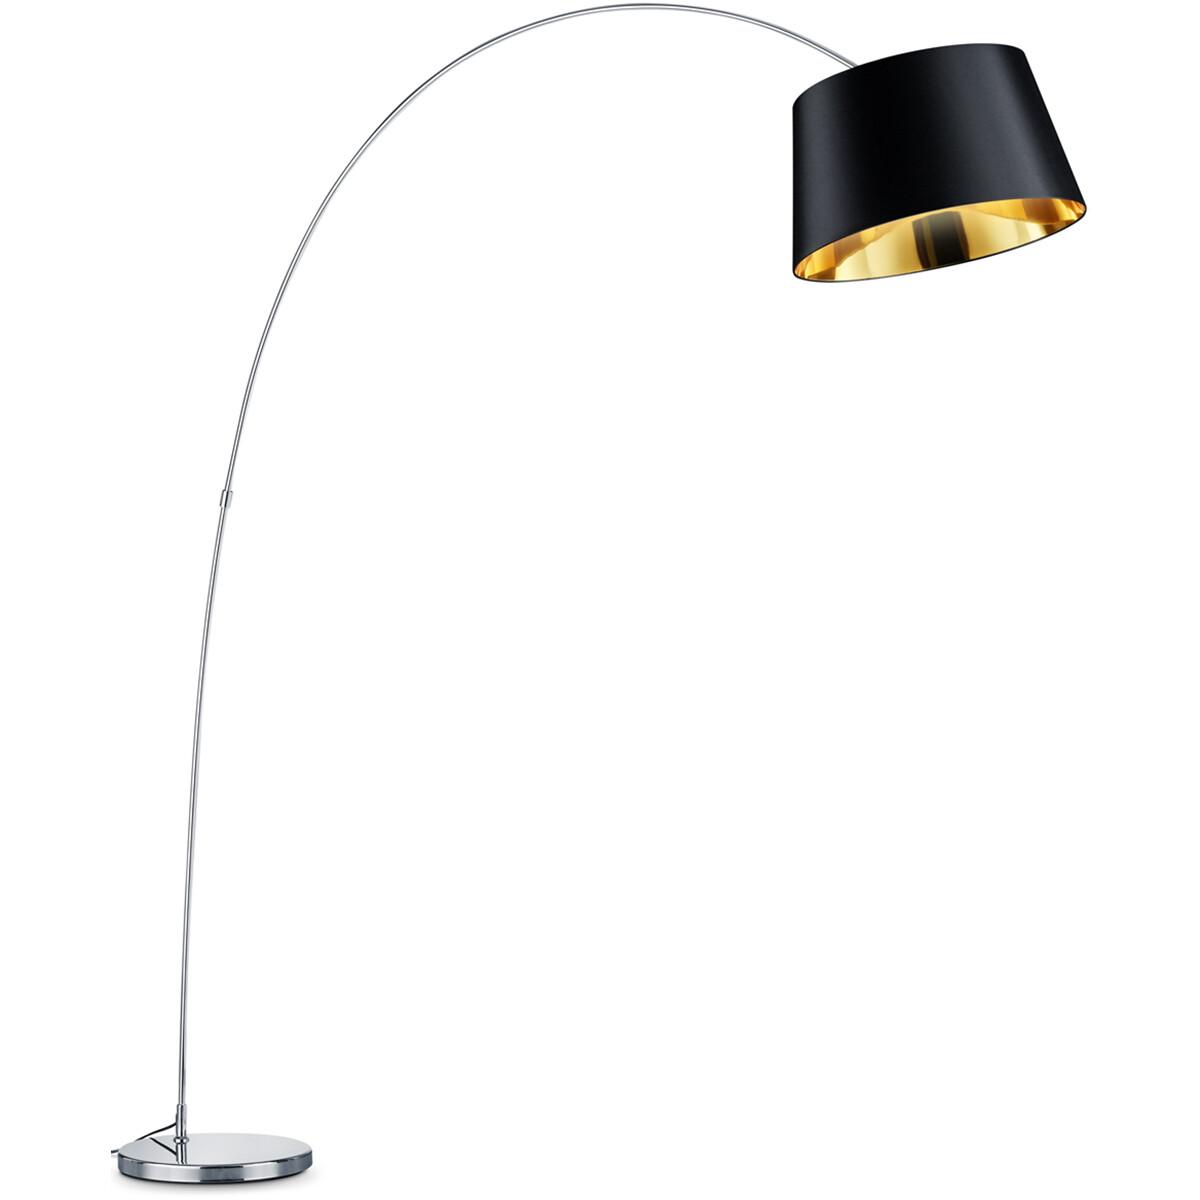 LED Vloerlamp - Trion Linzina - E27 Fitting - Rond - Mat Chroom - Aluminium